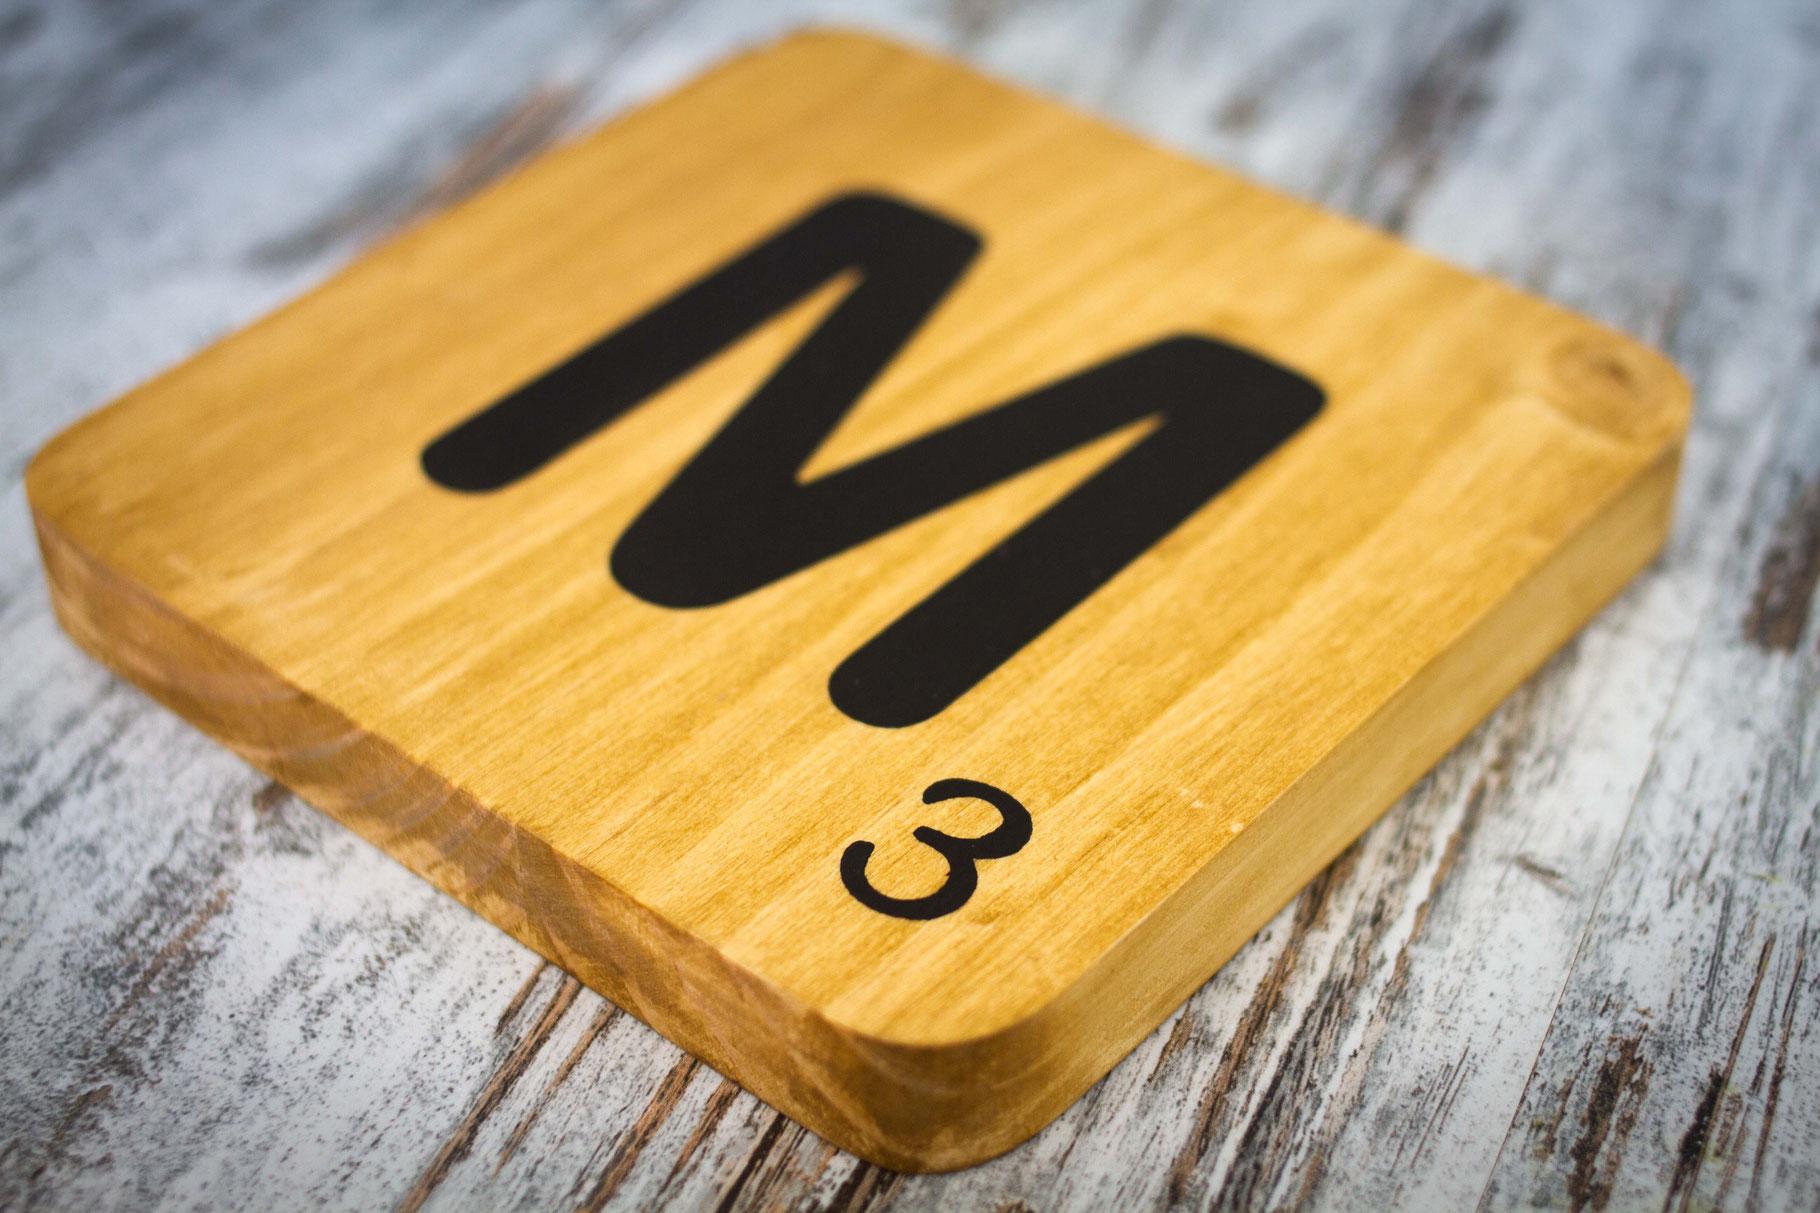 Letras scrabble xxl la tienda de menudas letras - Letras scrabble madera ...